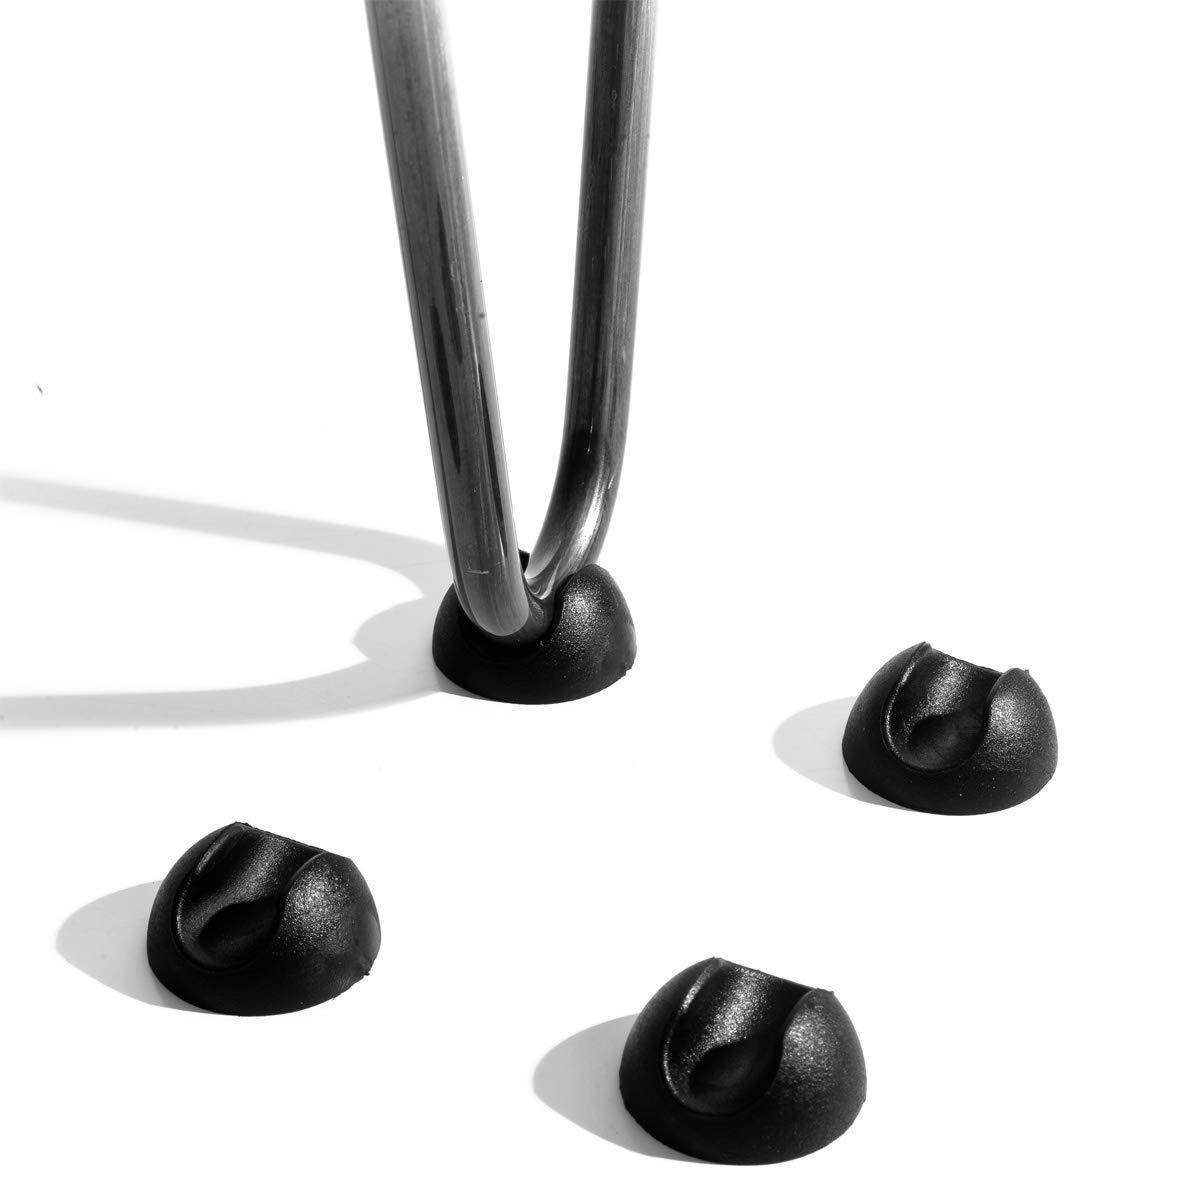 4 unidades Drenky Protectores de suelo para patas de horquilla